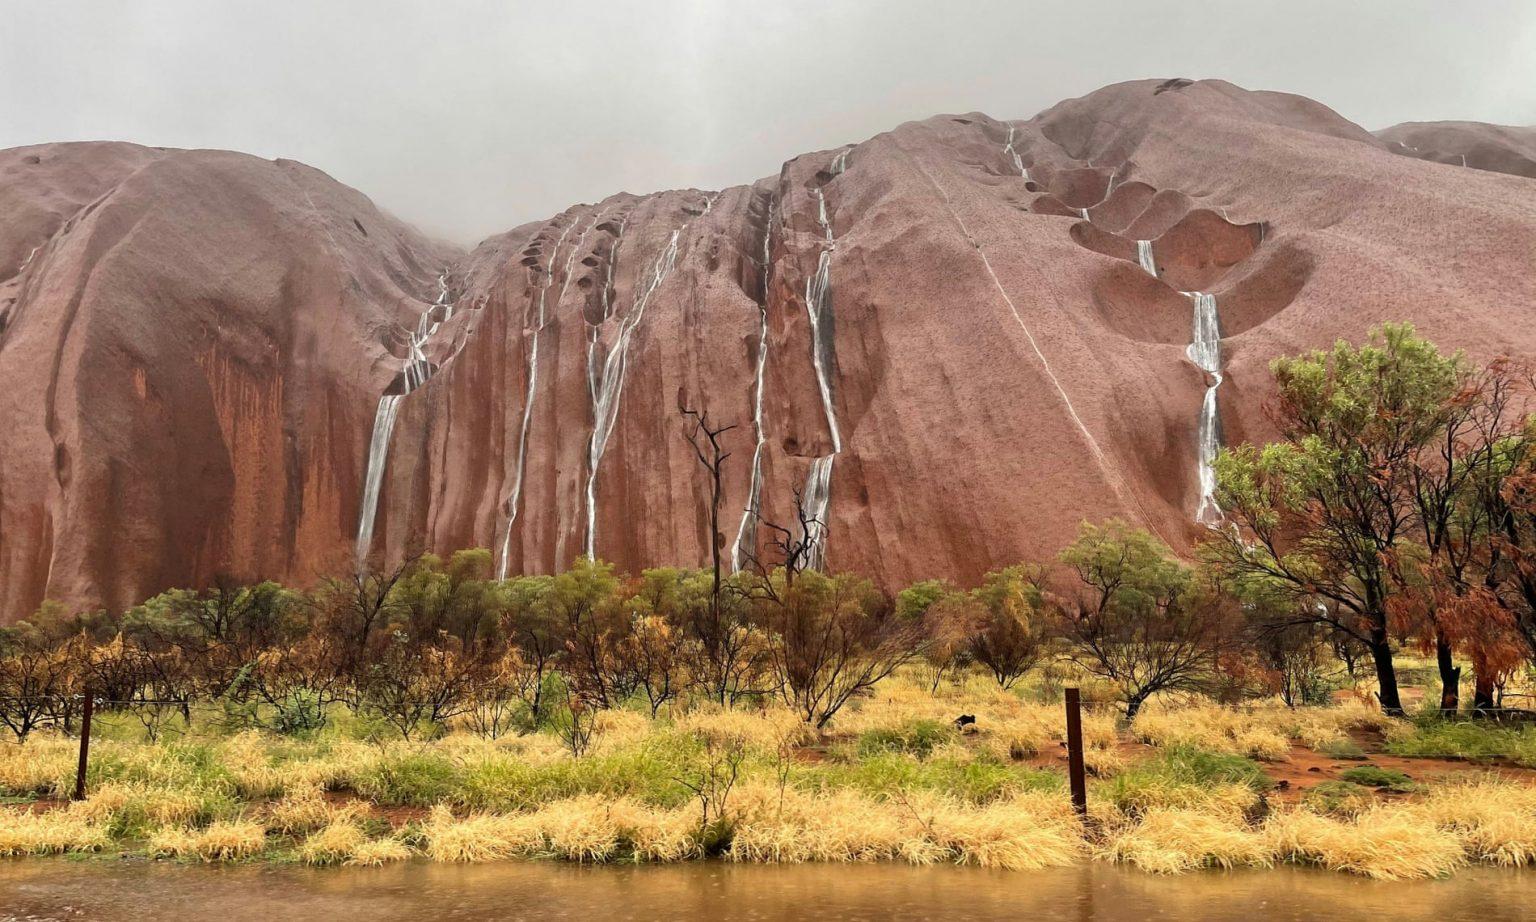 तस्वीरमा हेर्नुहोस् सय वर्षपछि अस्ट्रेलियामा देखिएको अद्भूत दृश्य, हेर्न पर्यटक जान पाएनन्